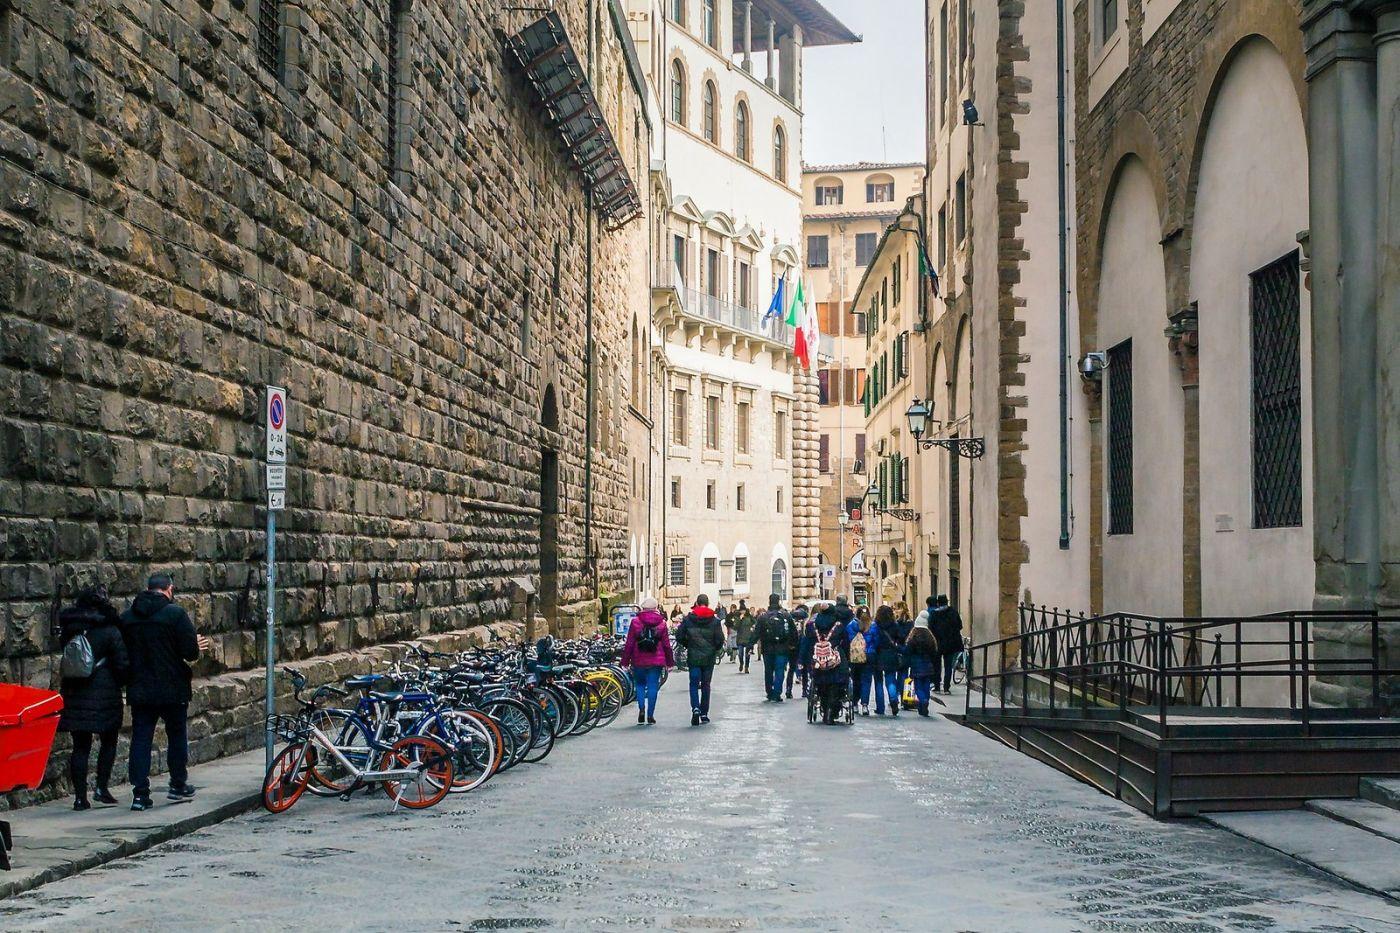 意大利佛罗伦萨(Florence),小街文化_图1-28